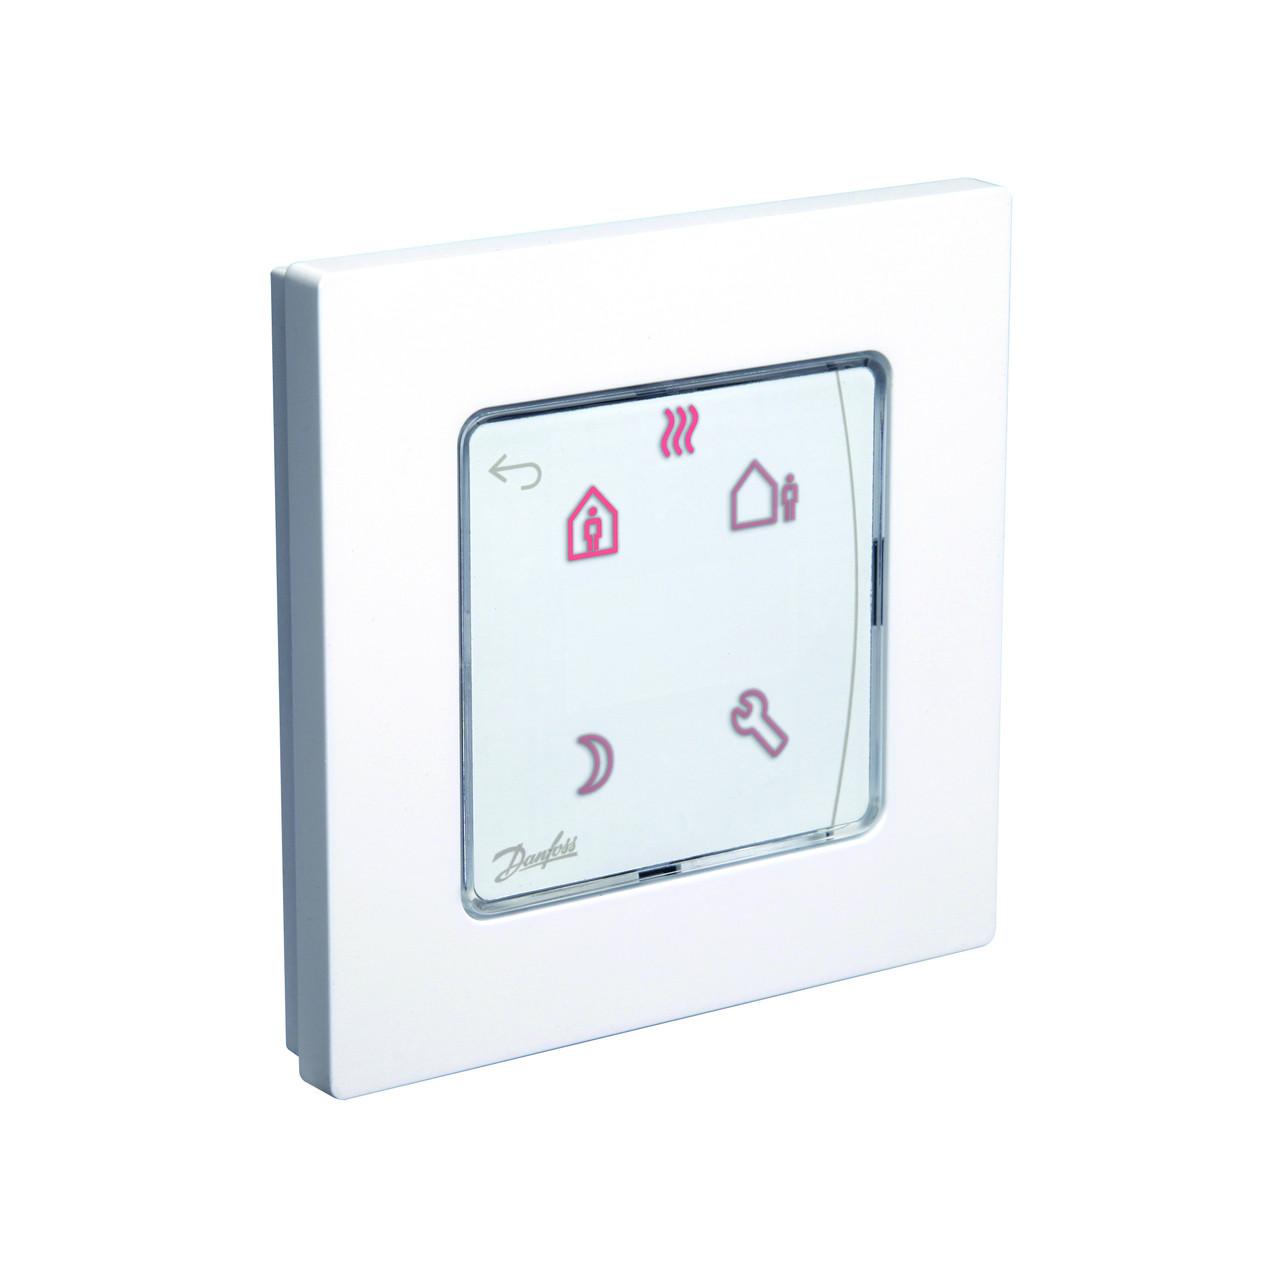 Danfoss Icon™ Programmable (088U1025) Накладной программируемый комнатный термостат